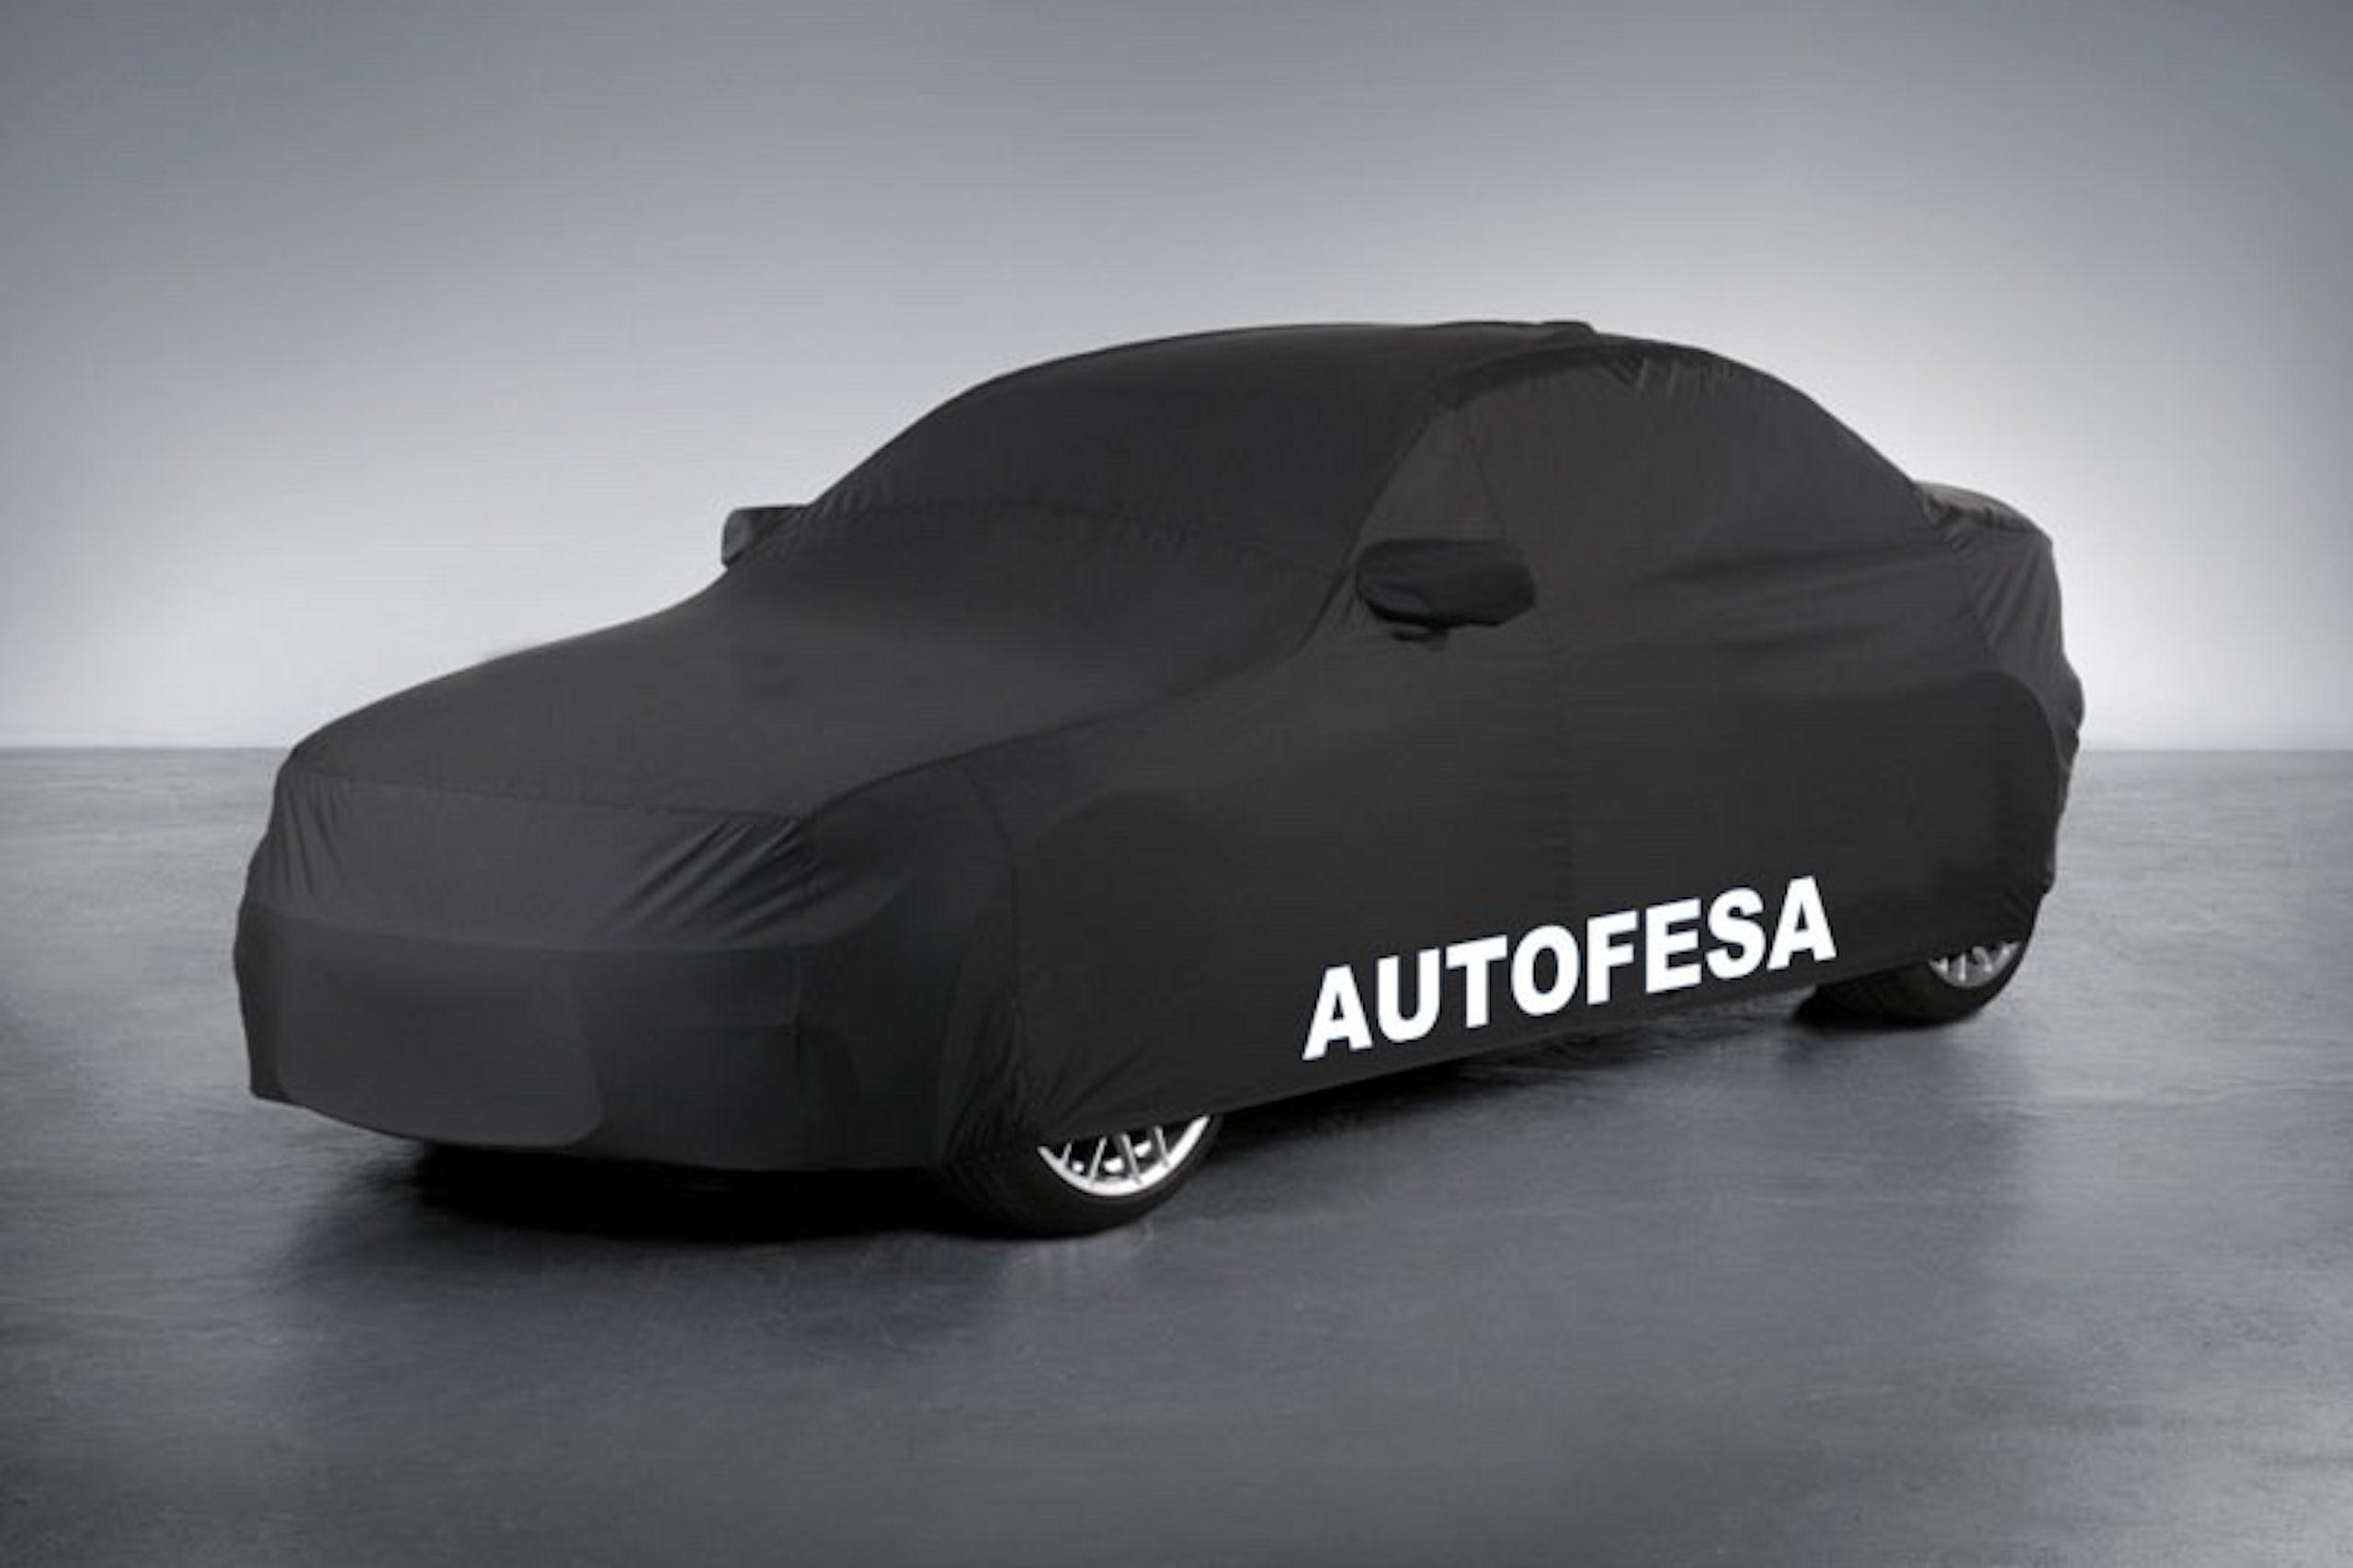 Audi Q7 3.0 TDI 233cv quattro Tiptronic 5p 7plz Auto - Foto 26